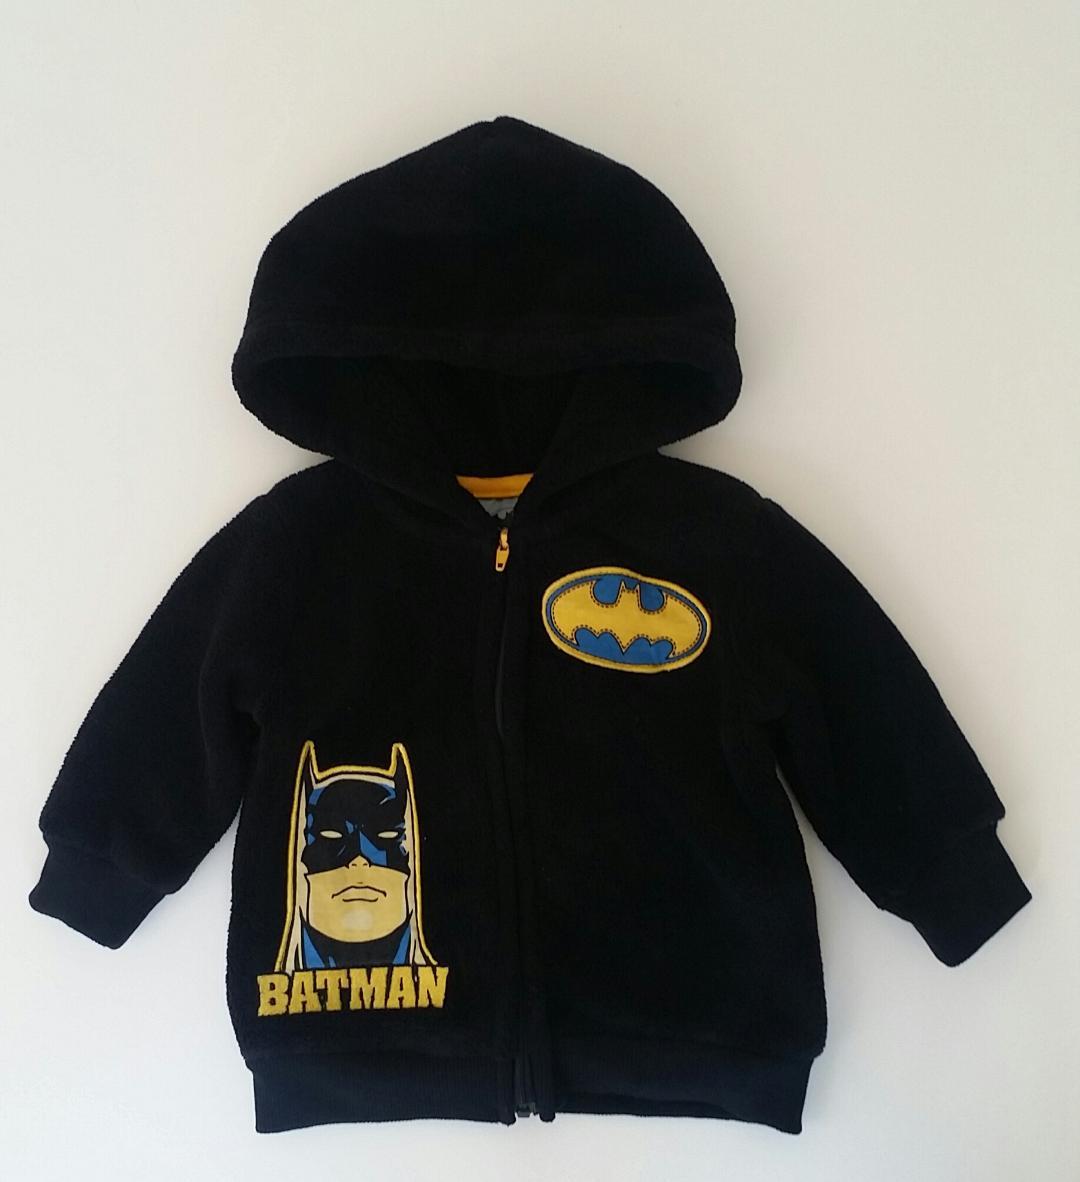 Batman-3-6-MONTHS-Fleece-Jacket_2166492A.jpg